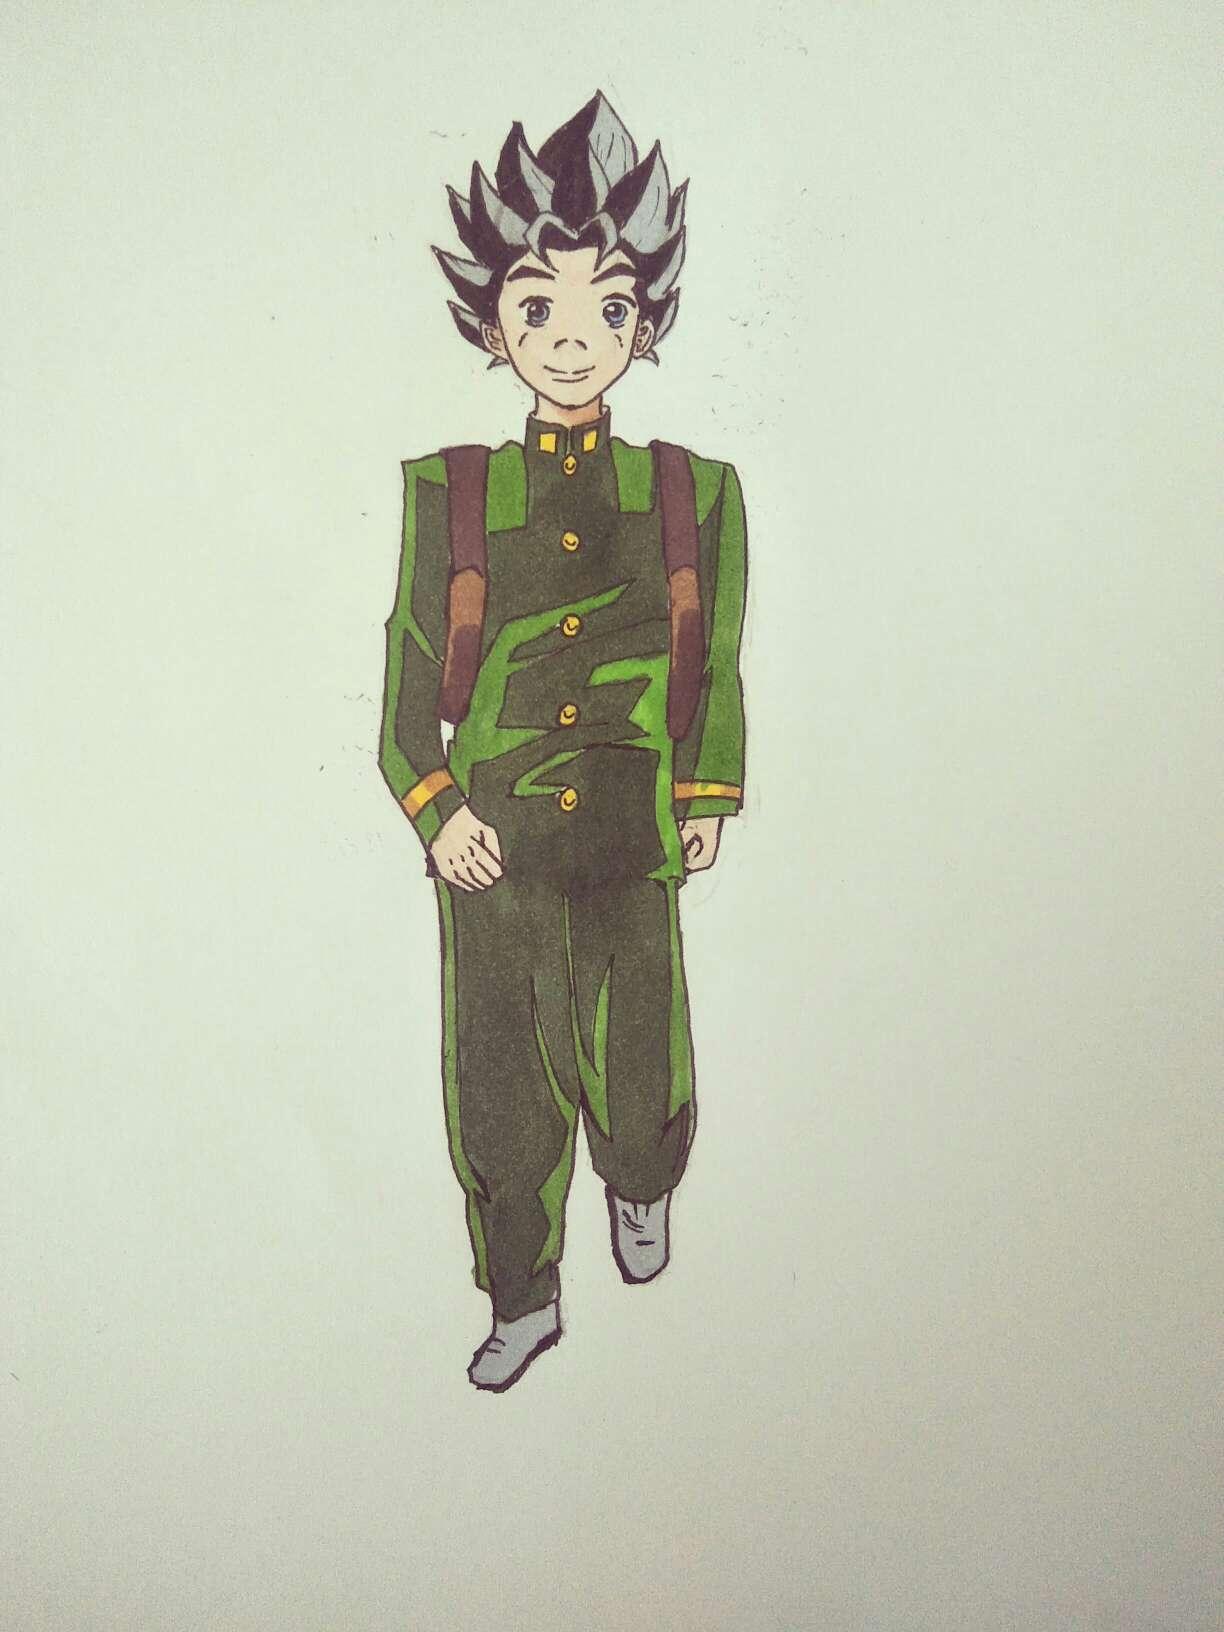 【手绘】超级赛亚人 广濑康一